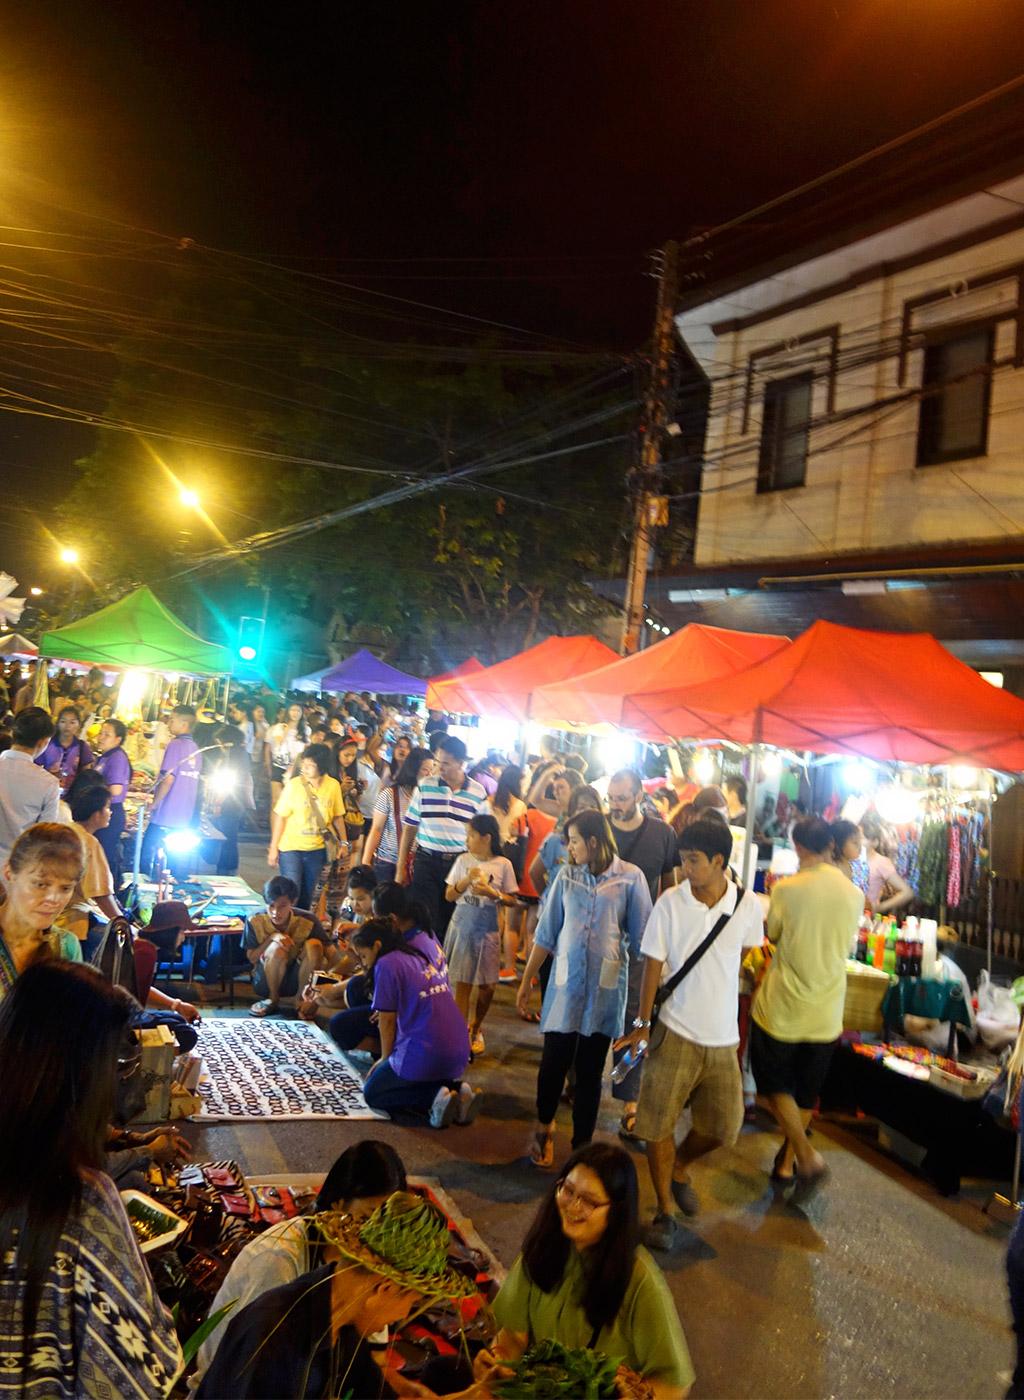 chiang-mai-thailand-sunday-night-market